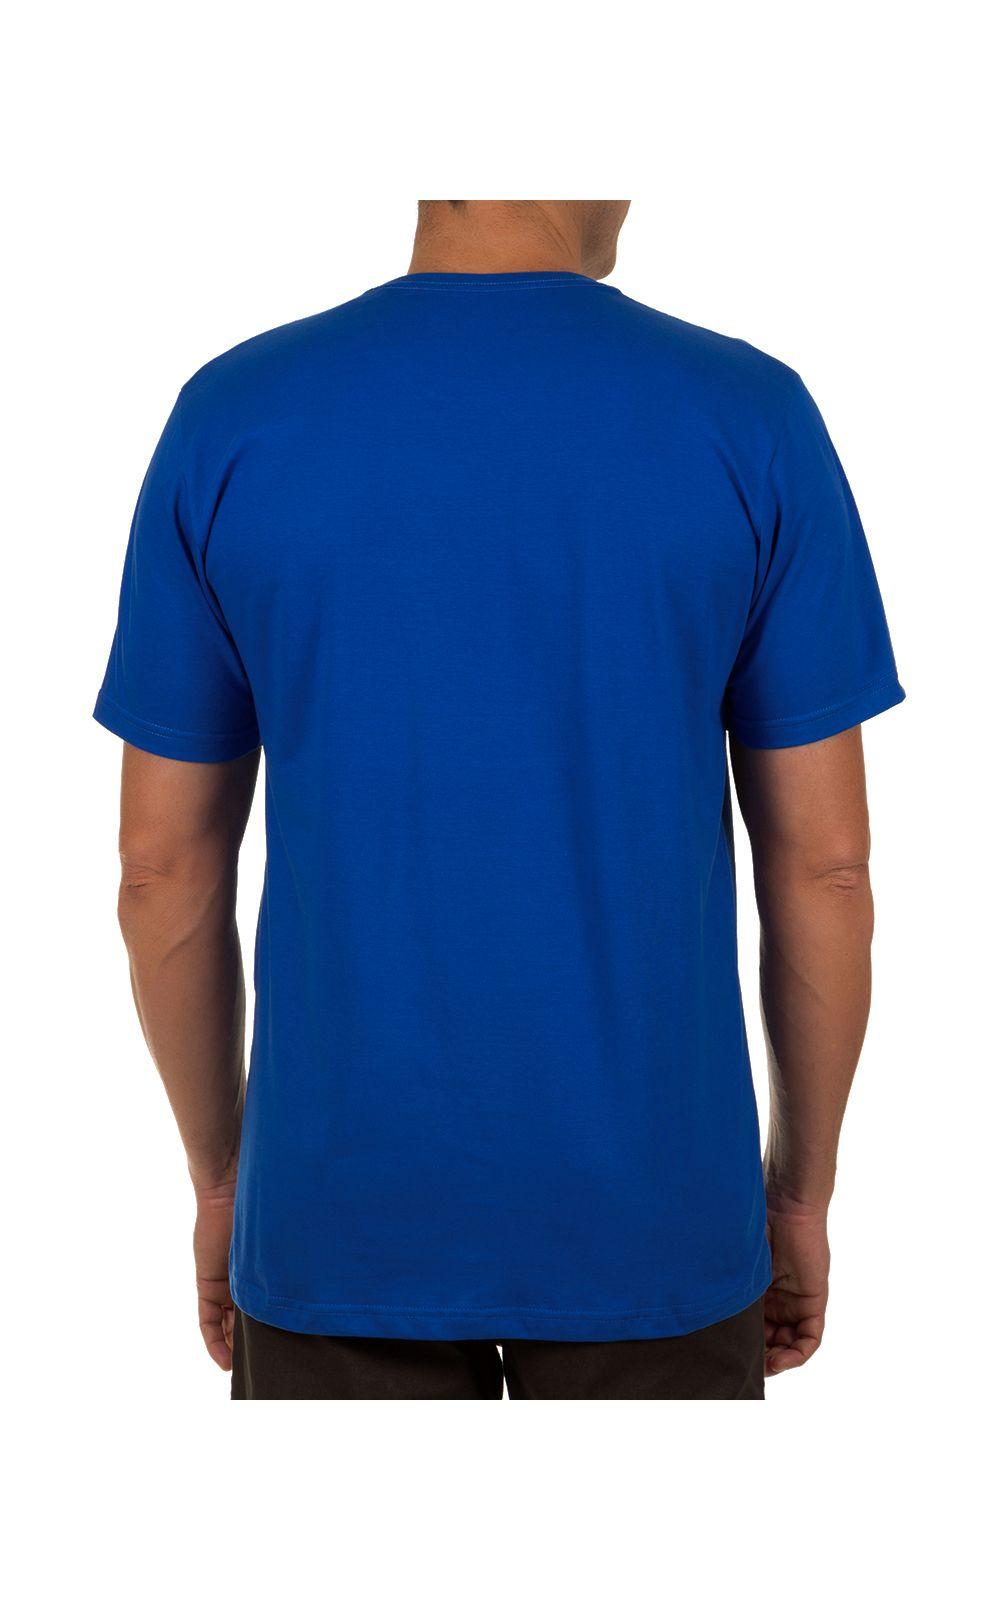 Foto 2 - Camiseta Masculina Azul Escuro Lisa